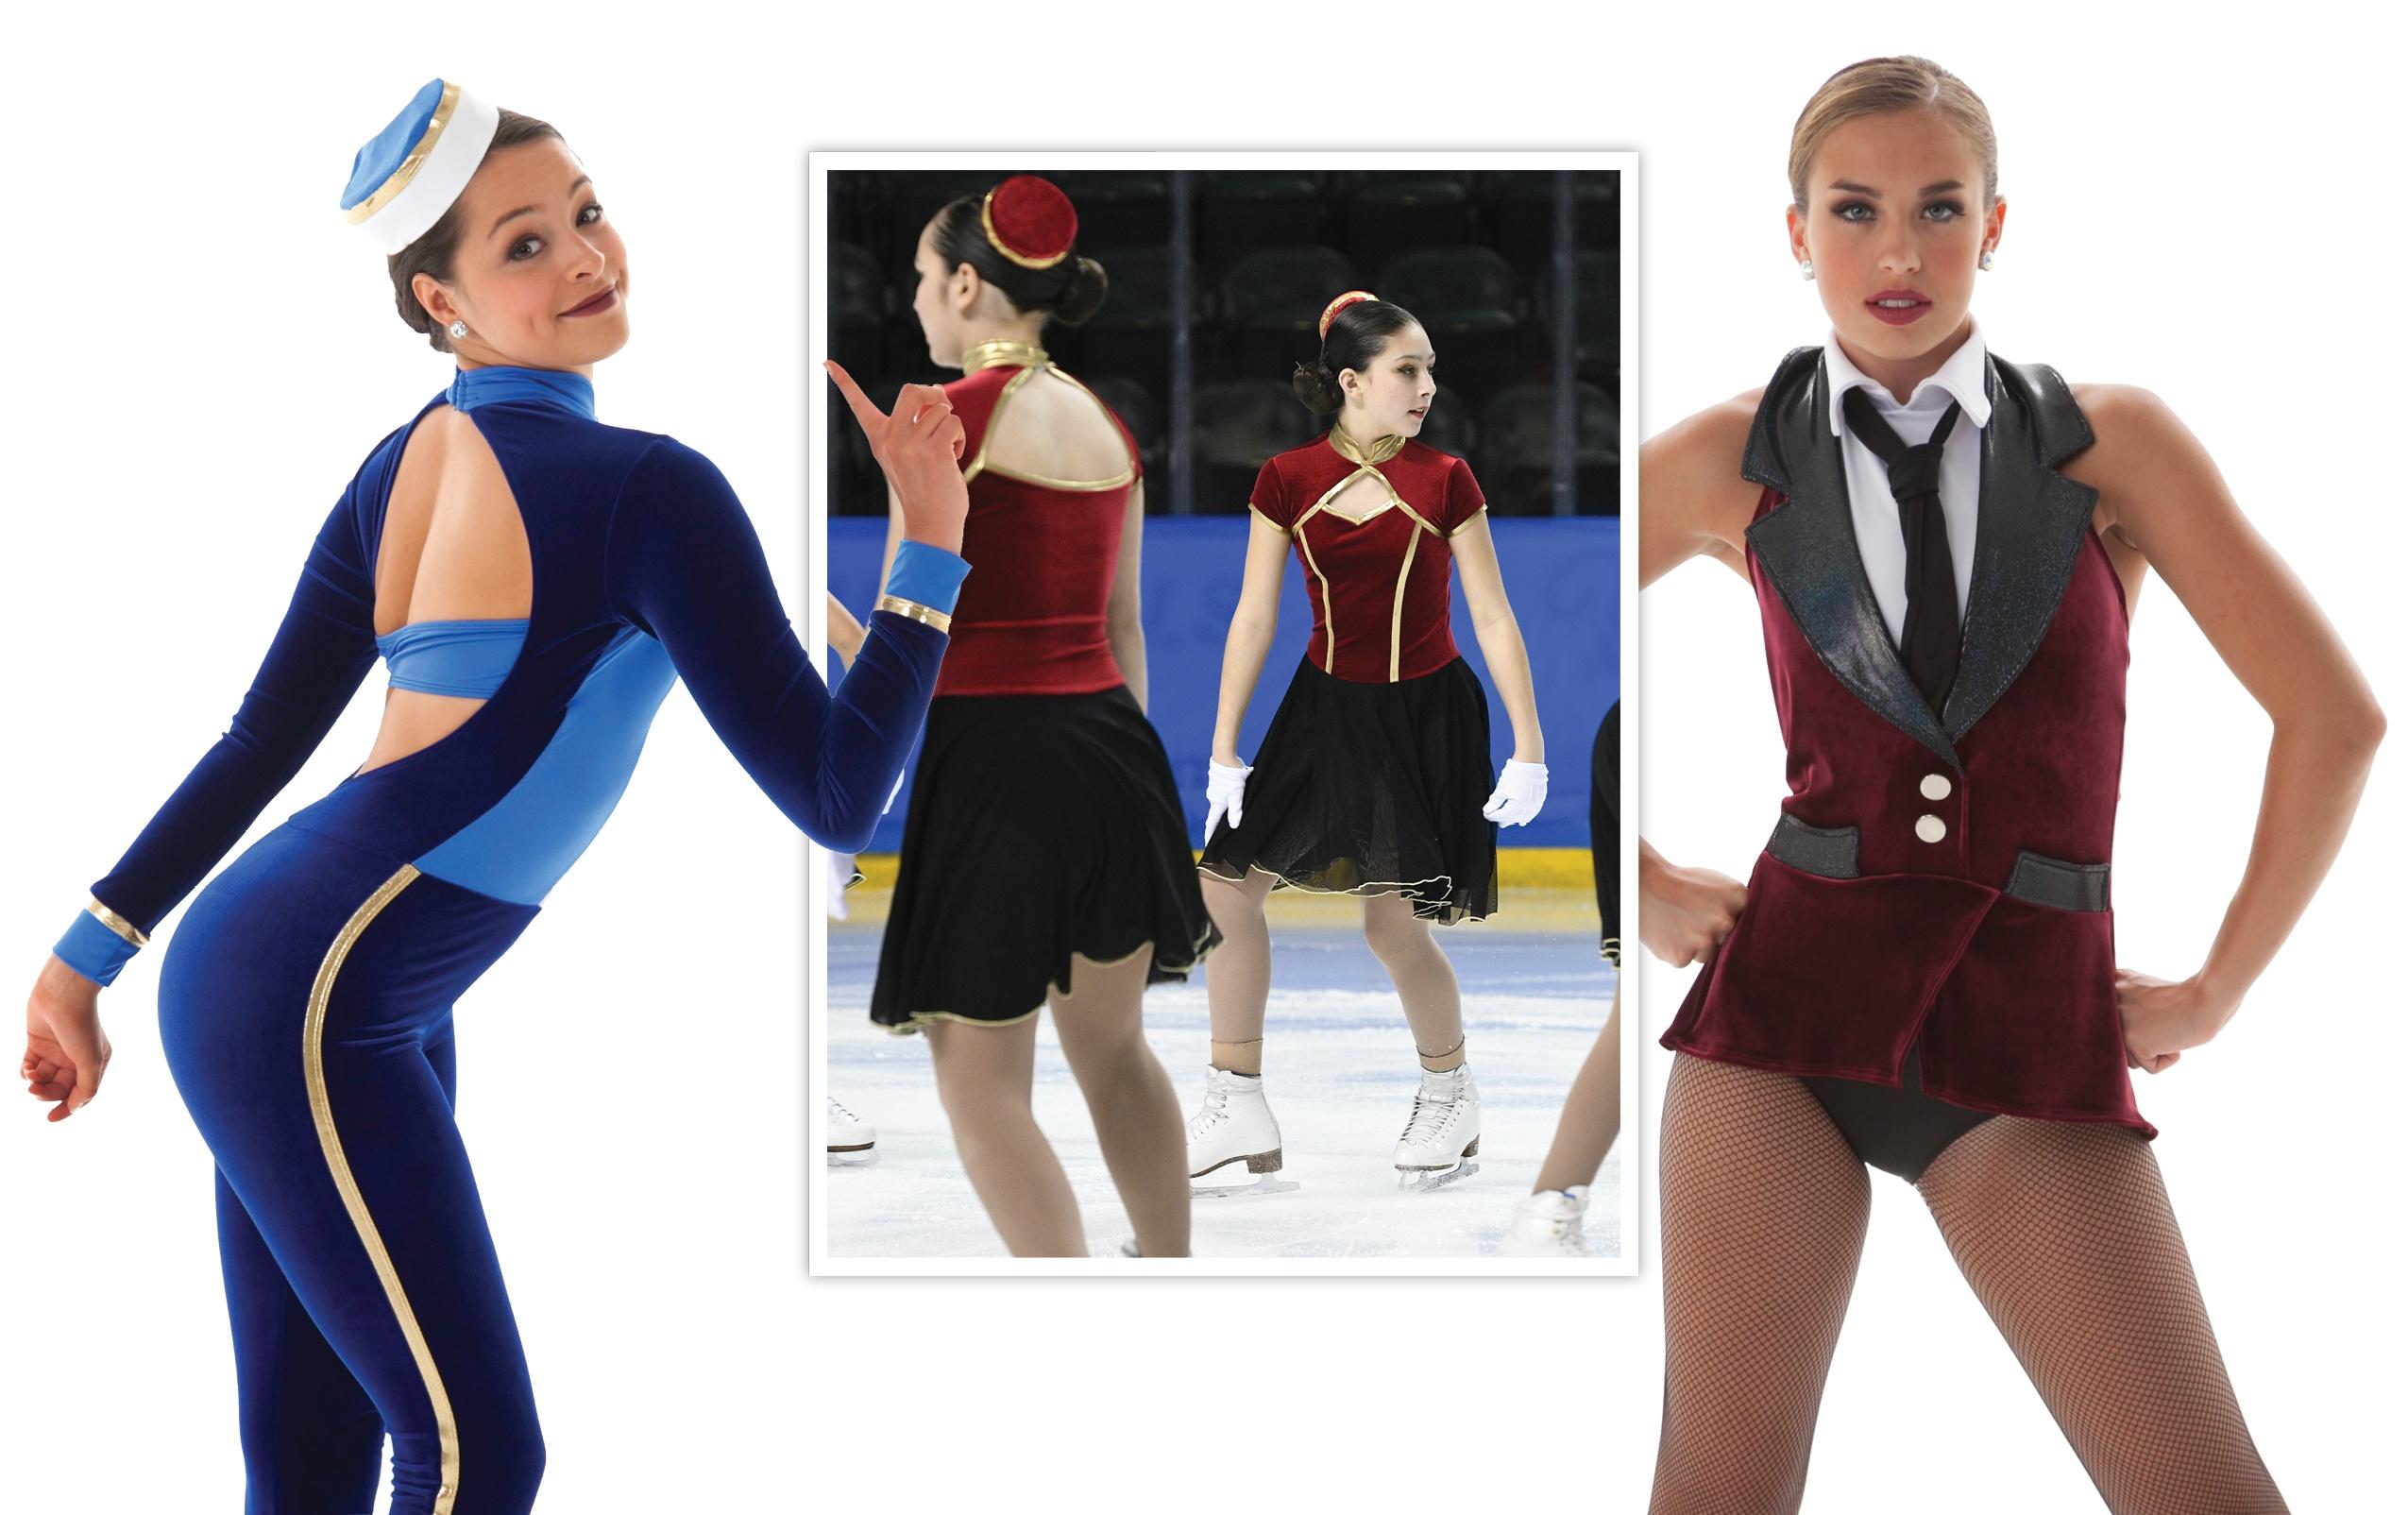 Velvet Dance And Skate Costumes Trend